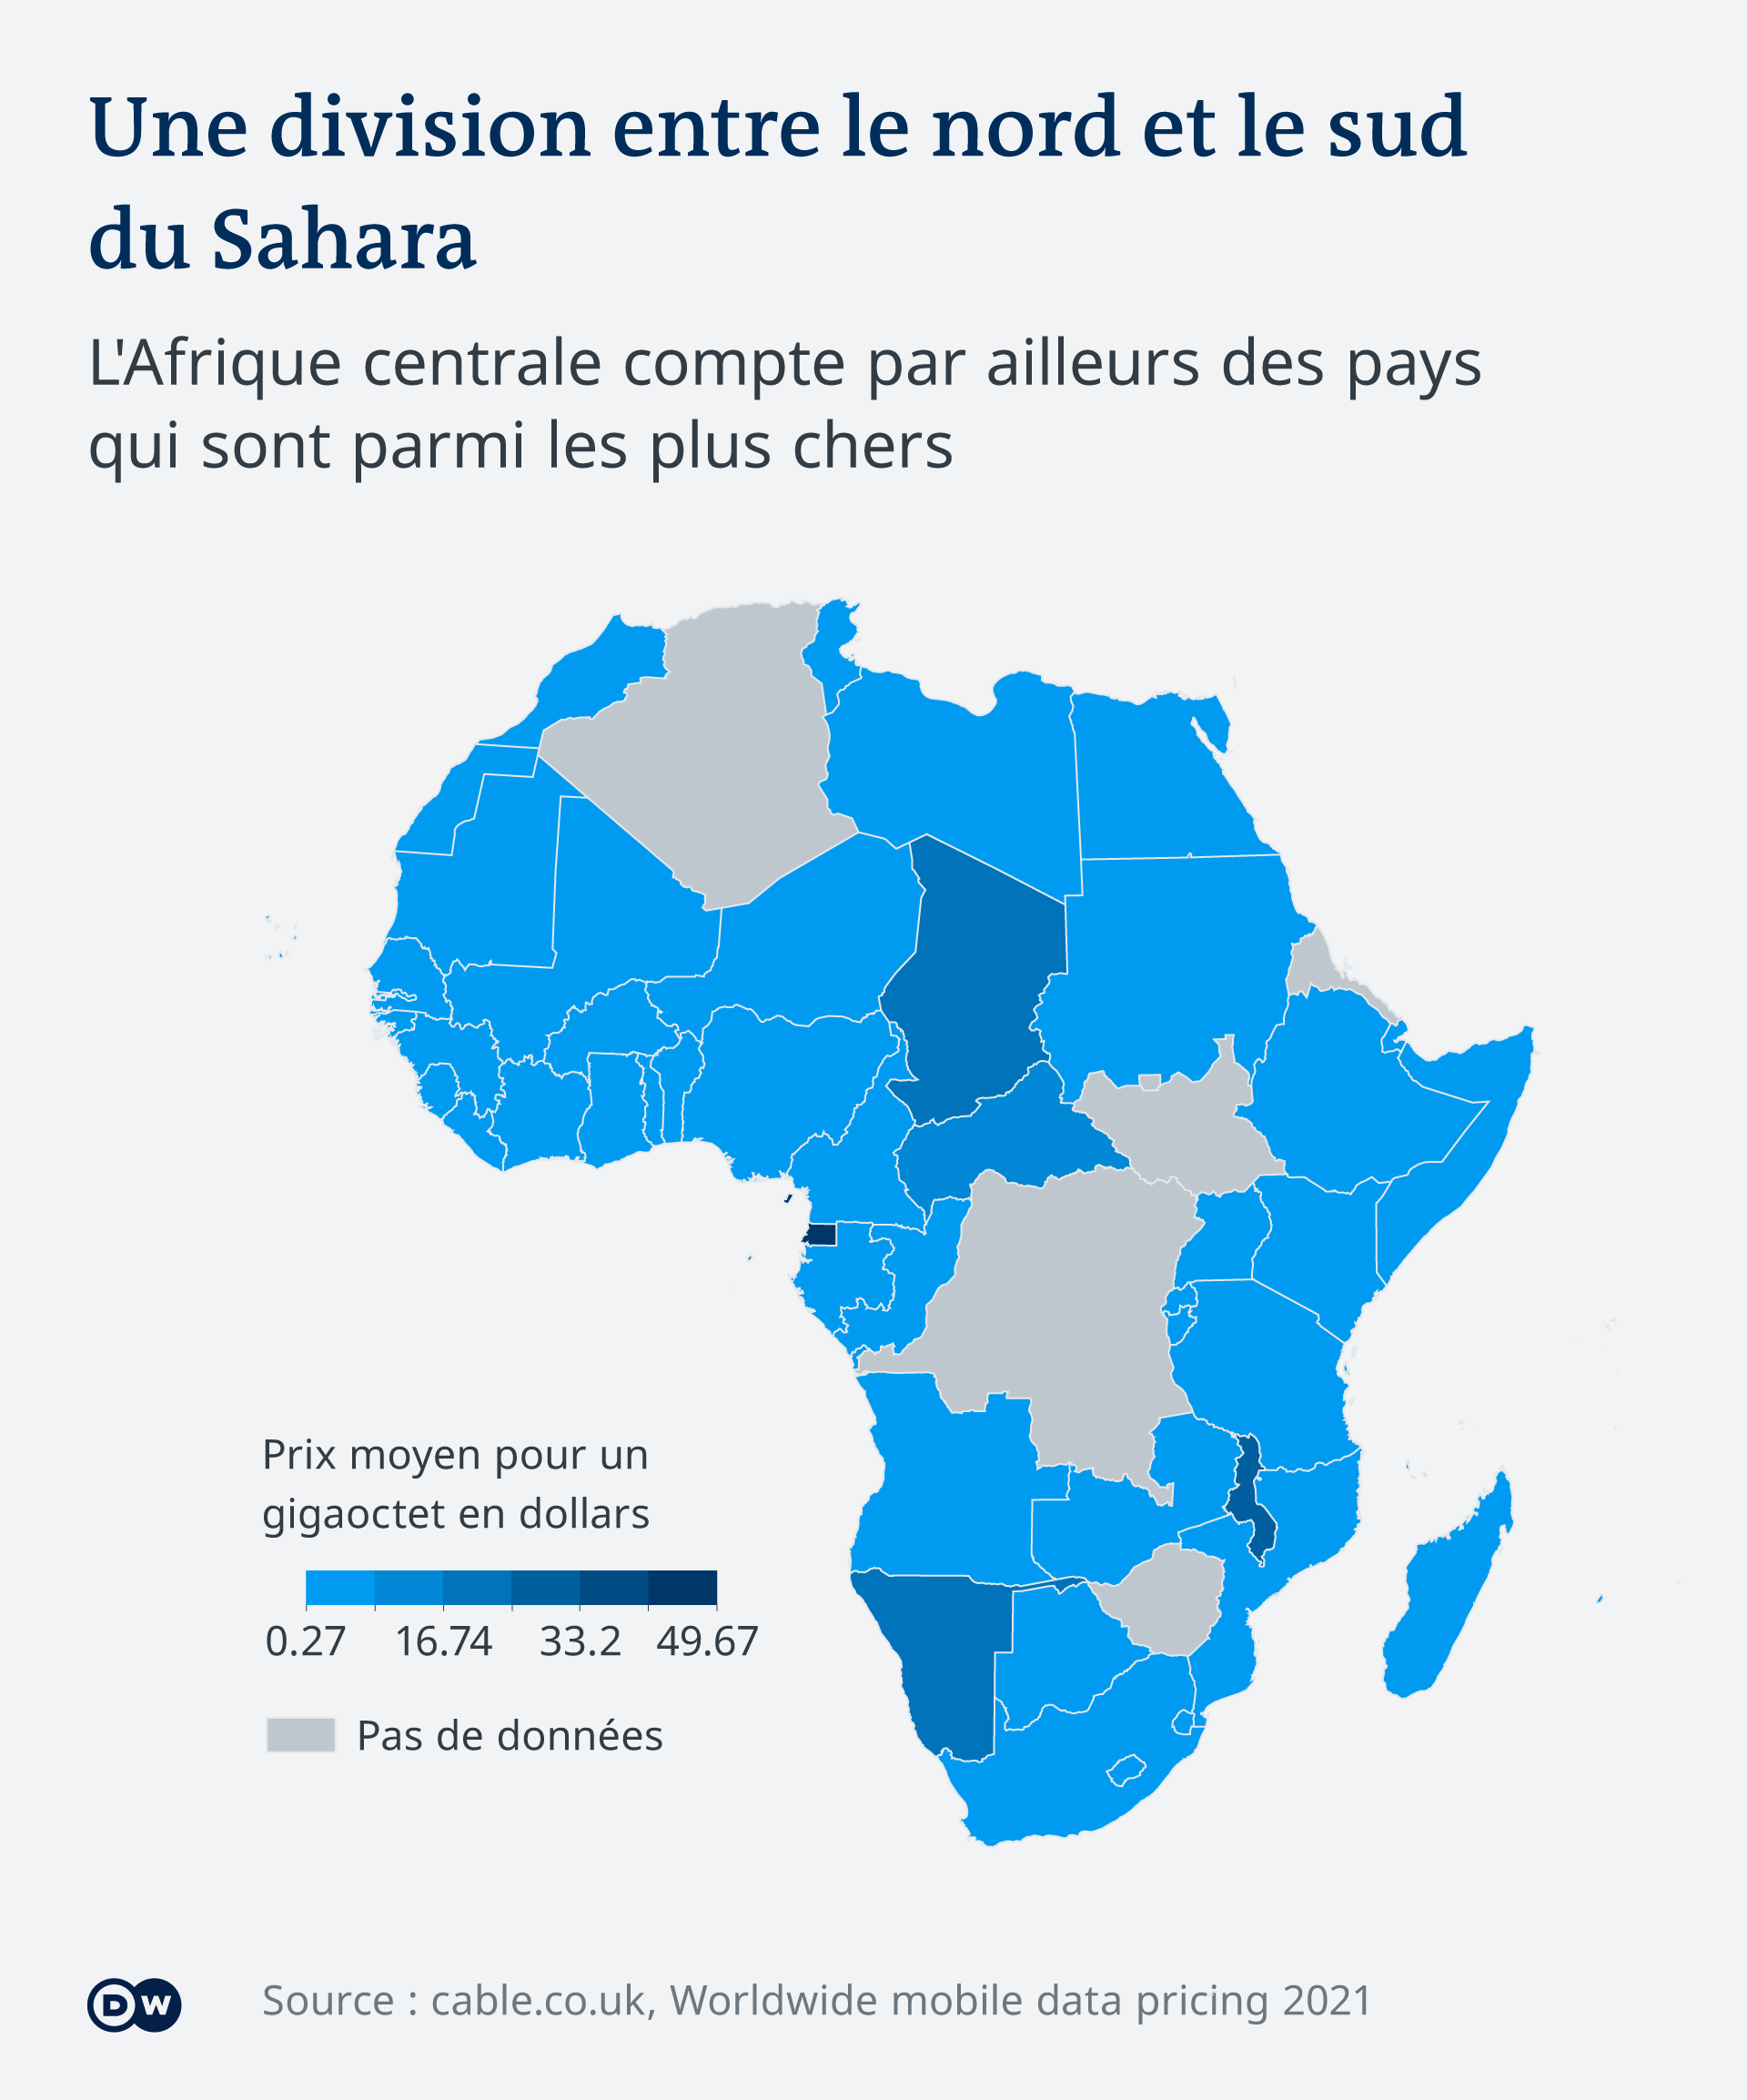 La Guinée équatoriale, le Malawi, le Tchad, la Centrafique et la Namibie sont les pays les plus chers d'Afrique.